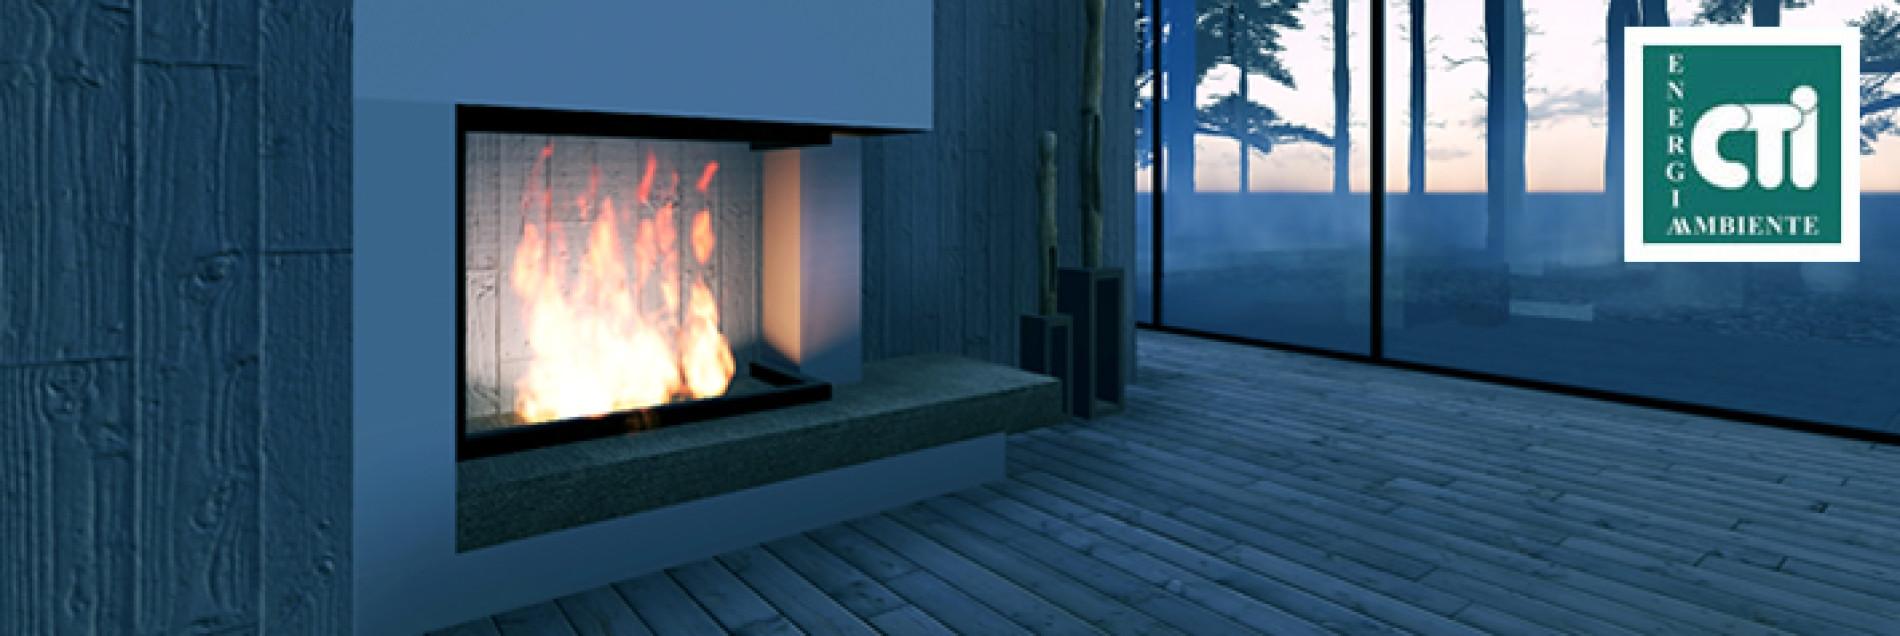 Corso di installazione e manutenzione di generatori di calore alimentati a legna o altri biocombustibili secondo la uni 10683